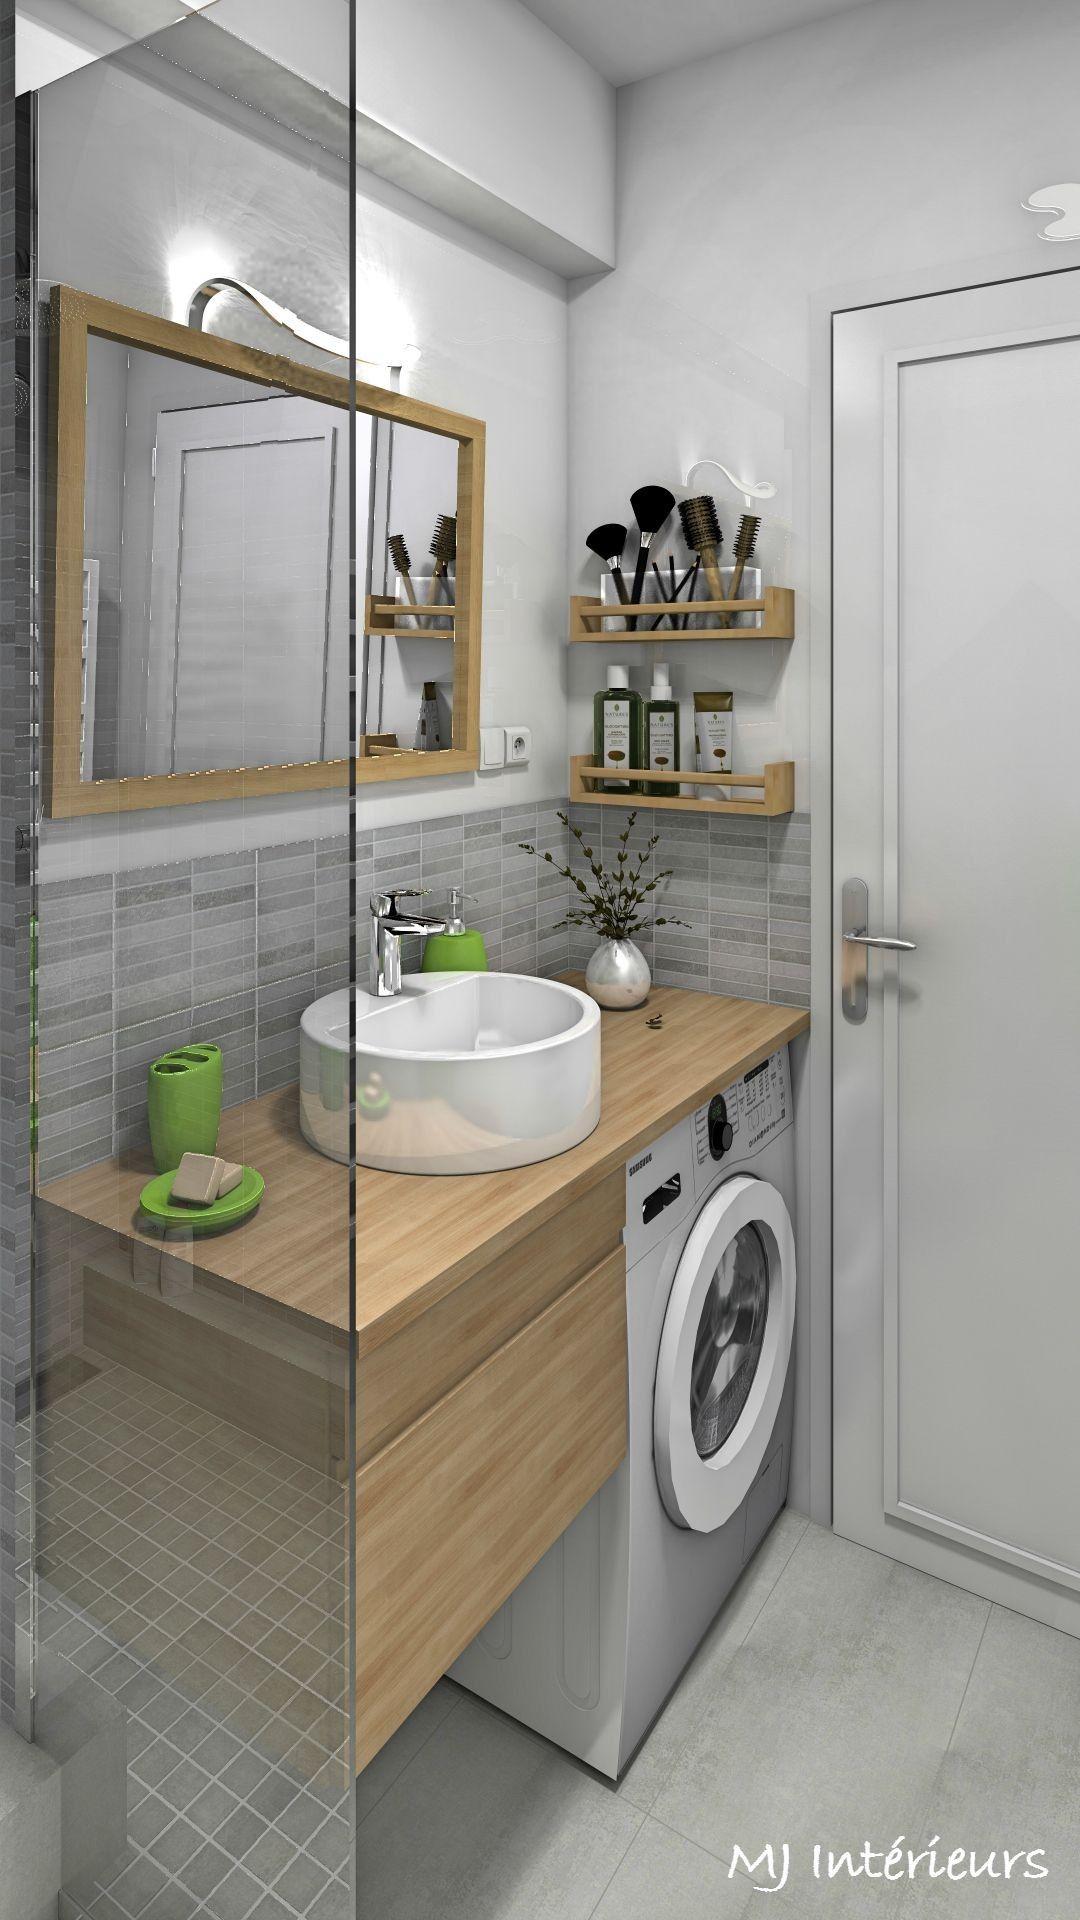 18 unique plan petite salle de bain avec wc plan petite. Black Bedroom Furniture Sets. Home Design Ideas